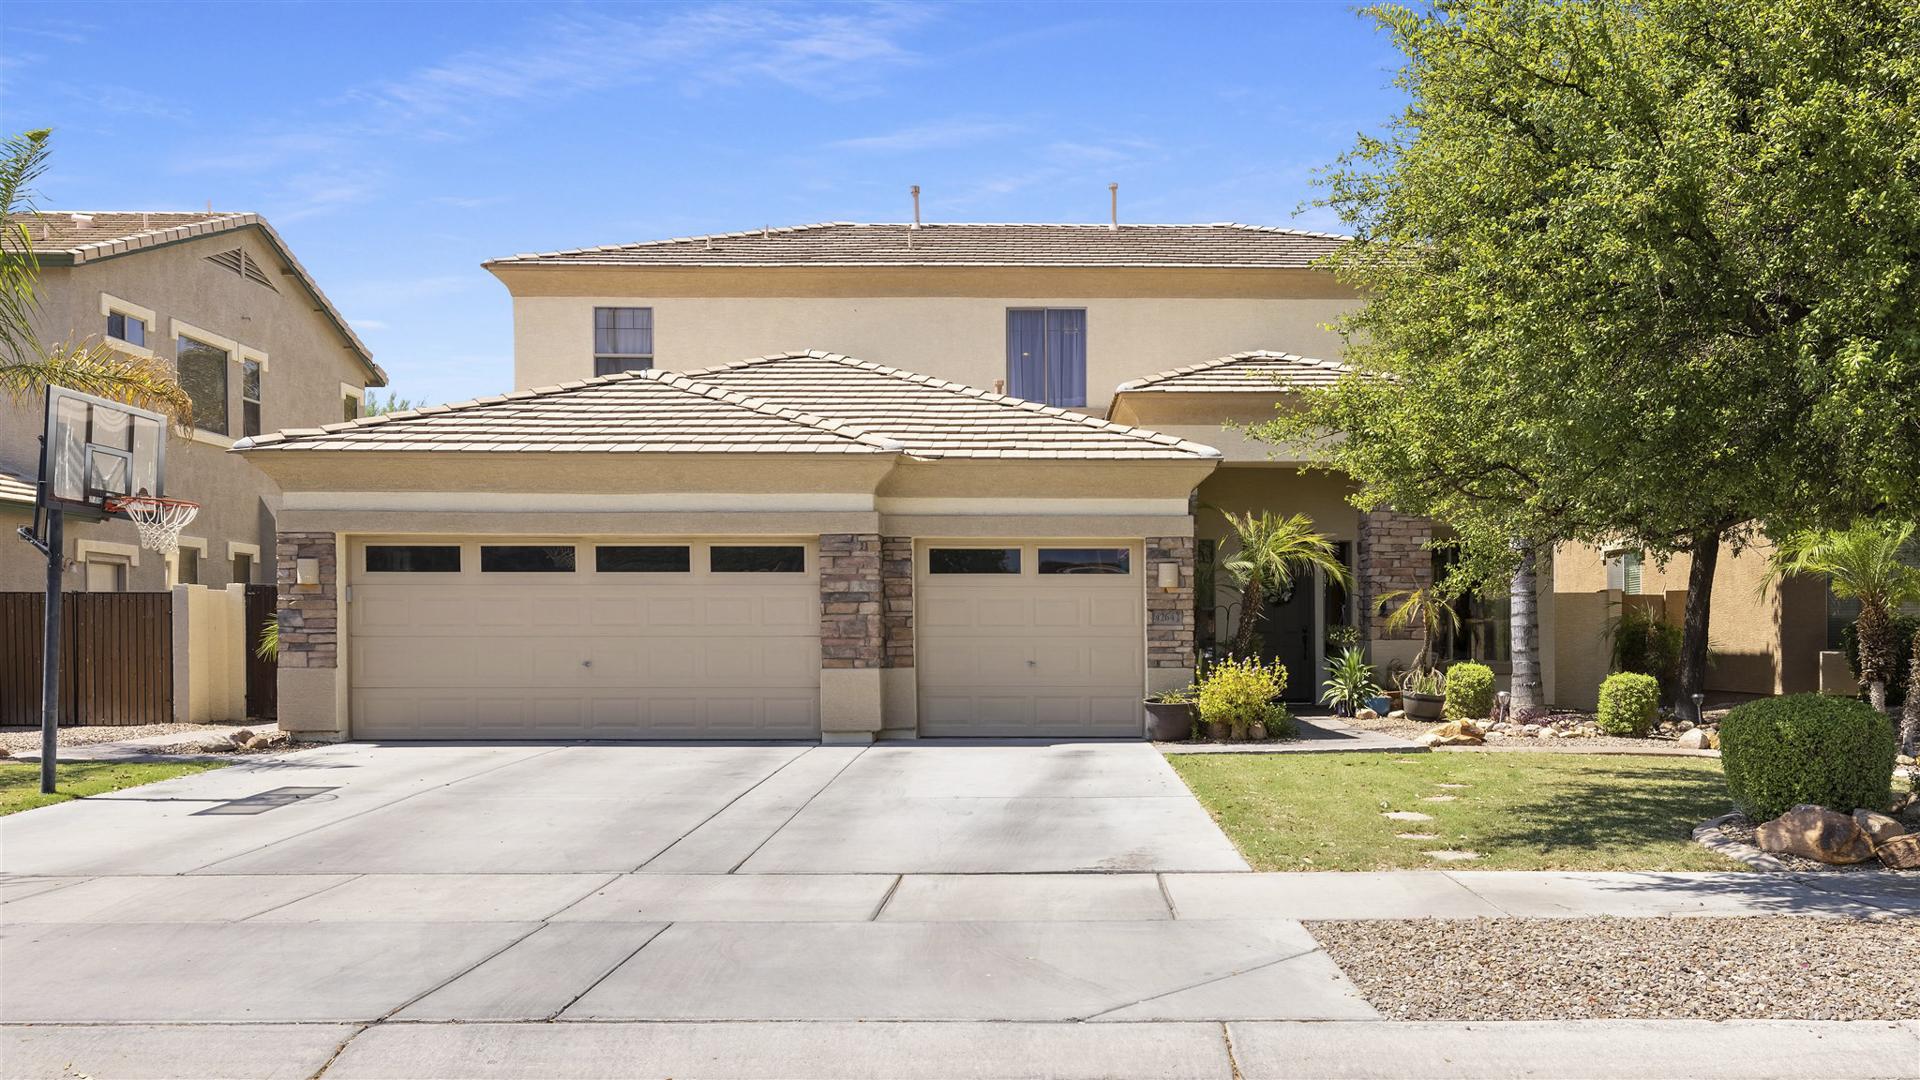 4264 S Snowcap Court, Gilbert, AZ 85298 - Power Ranch | Amy Jones Group